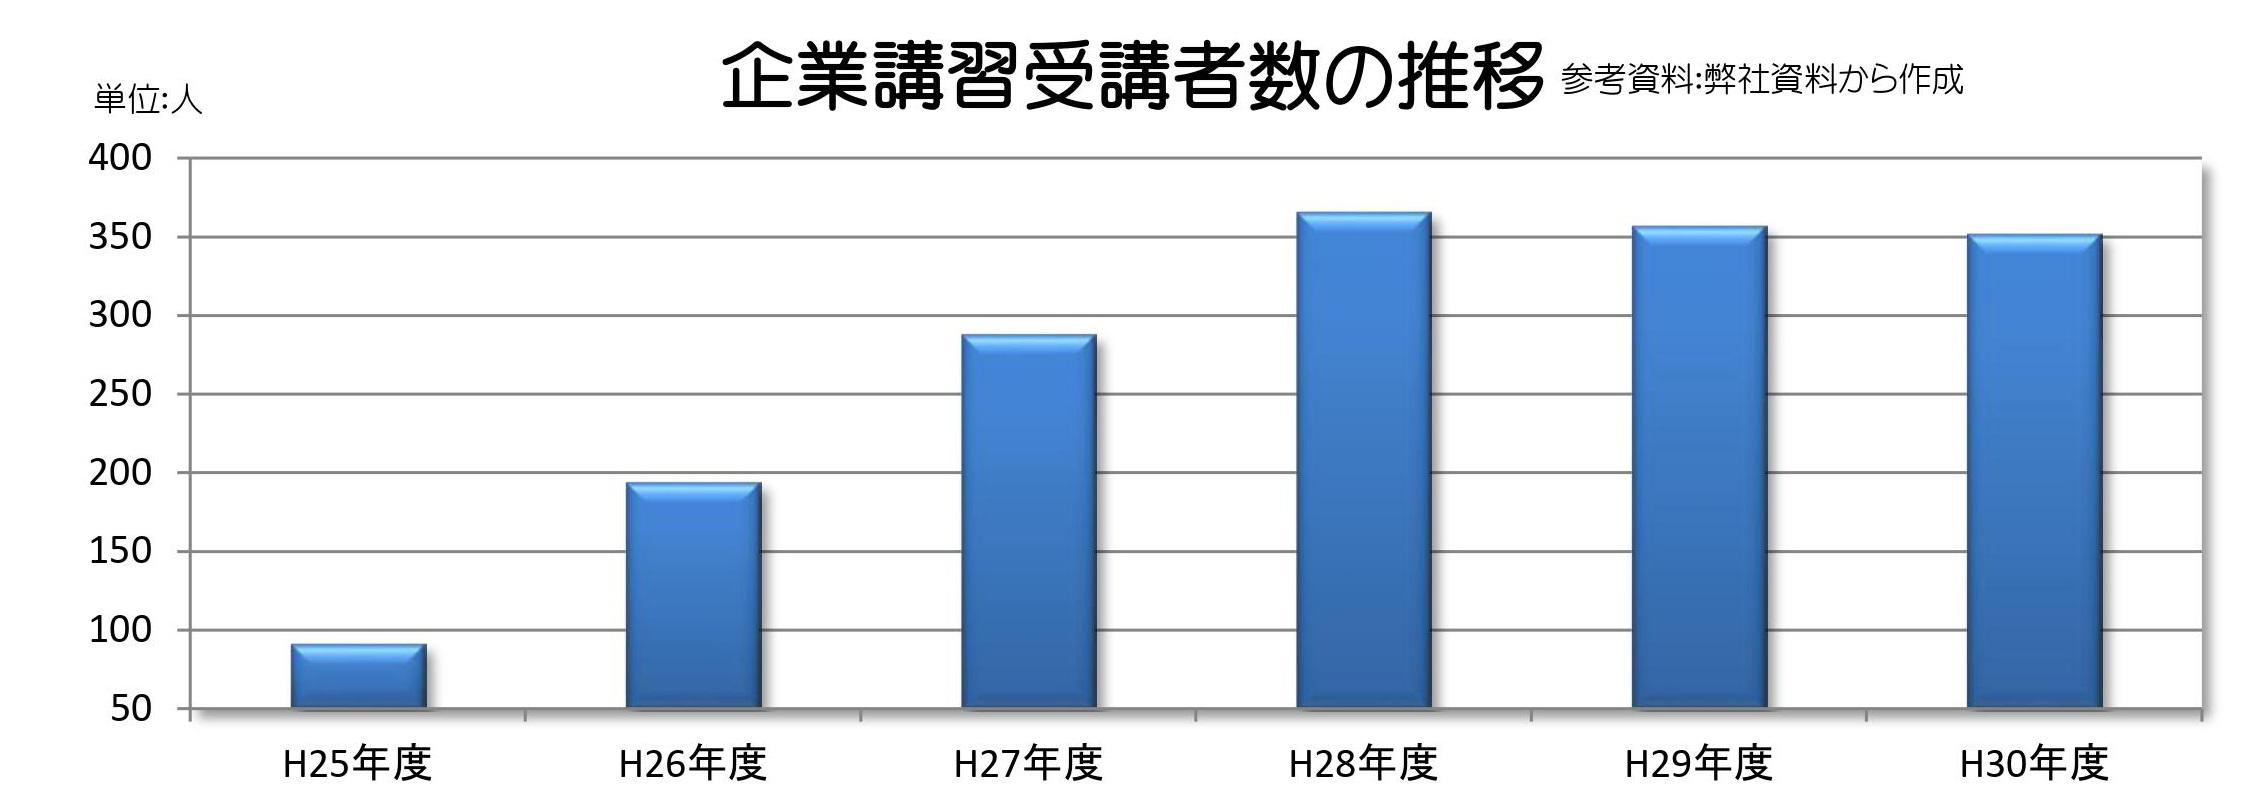 R1企業講習受講者数の推移